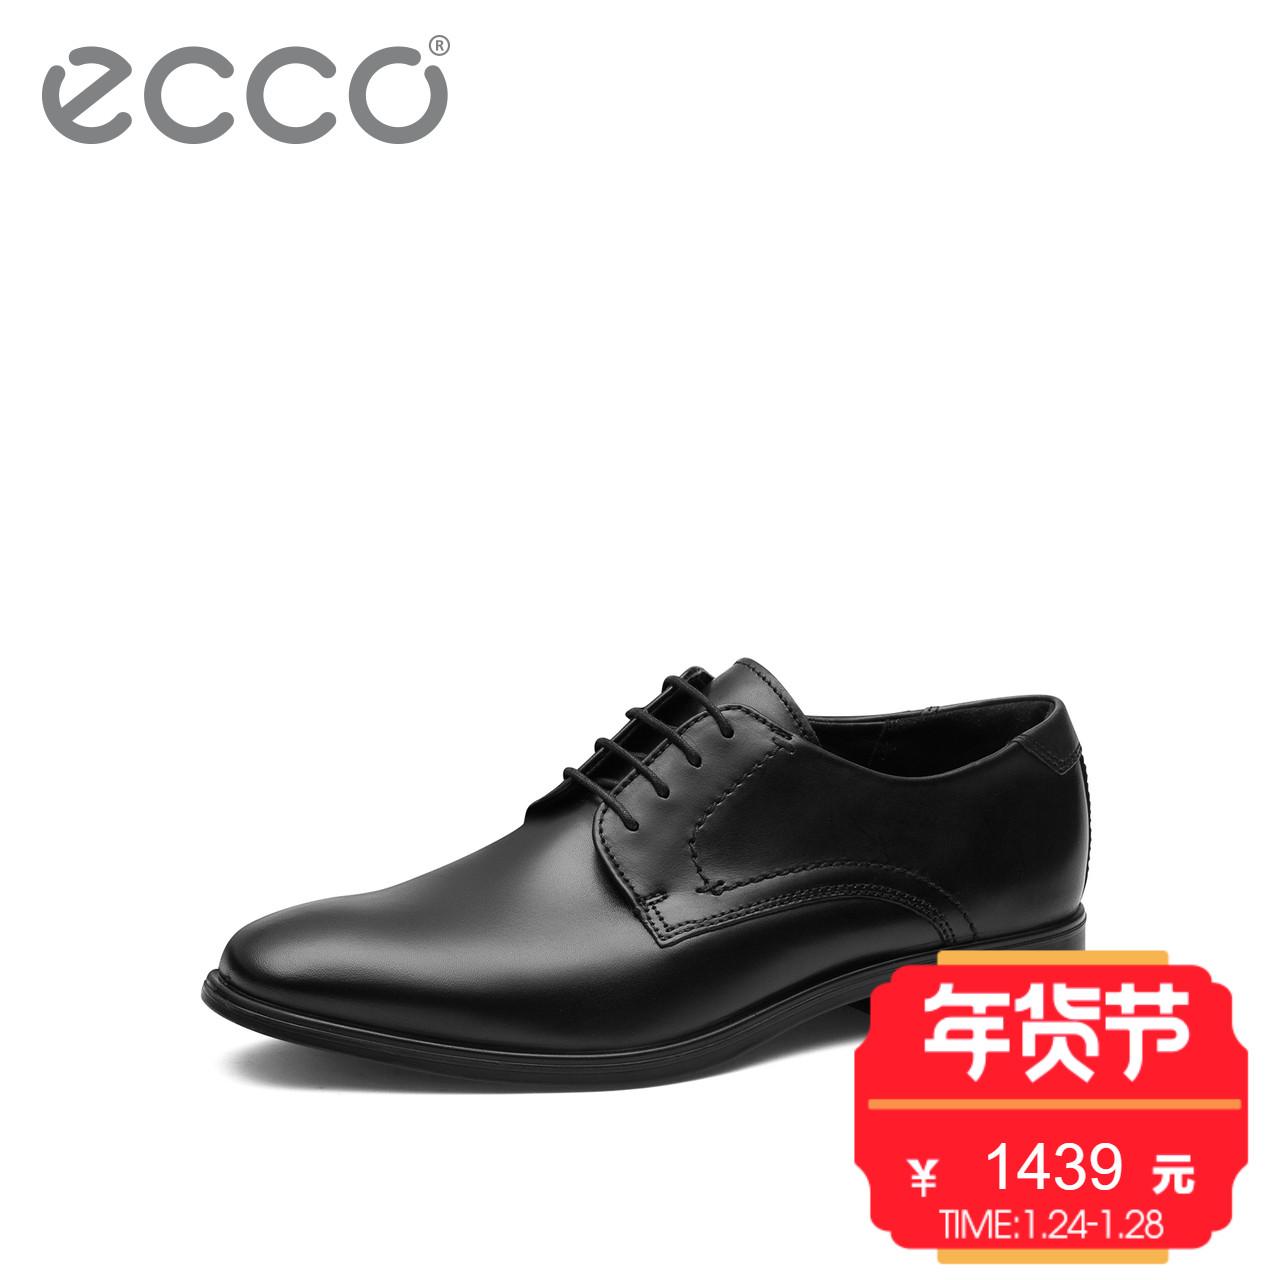 ECCO爱步秋冬新品商务皮鞋 简约复古潮流圆头德比鞋 墨本621634